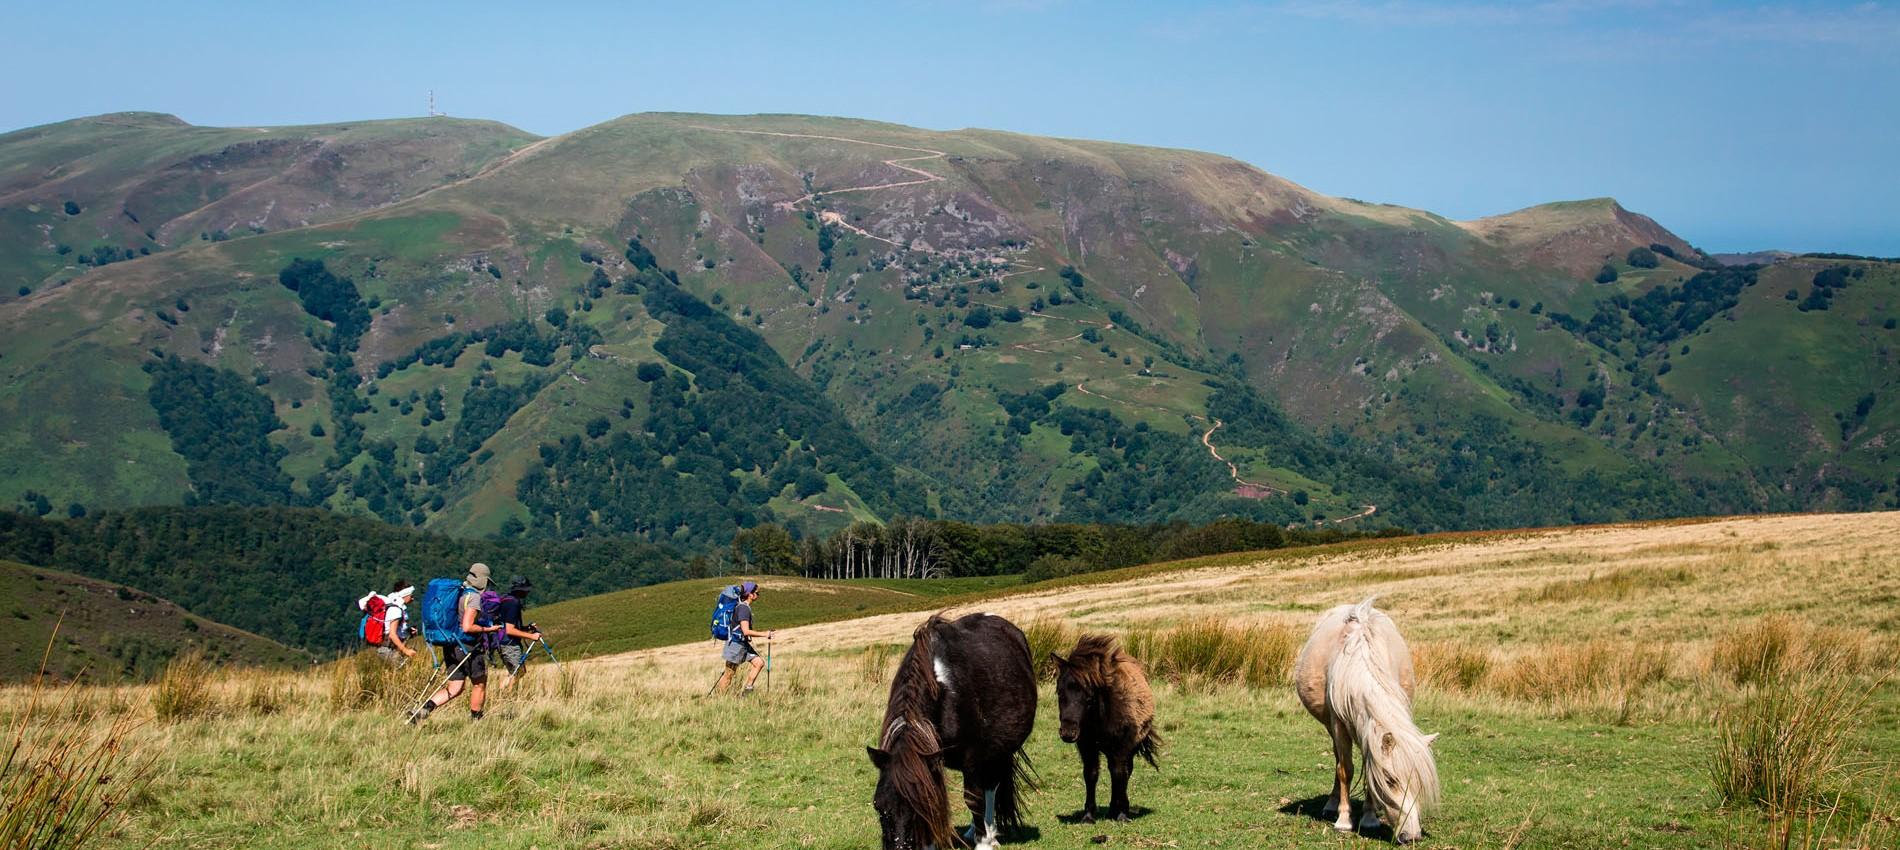 randonnée la rhune pays basque